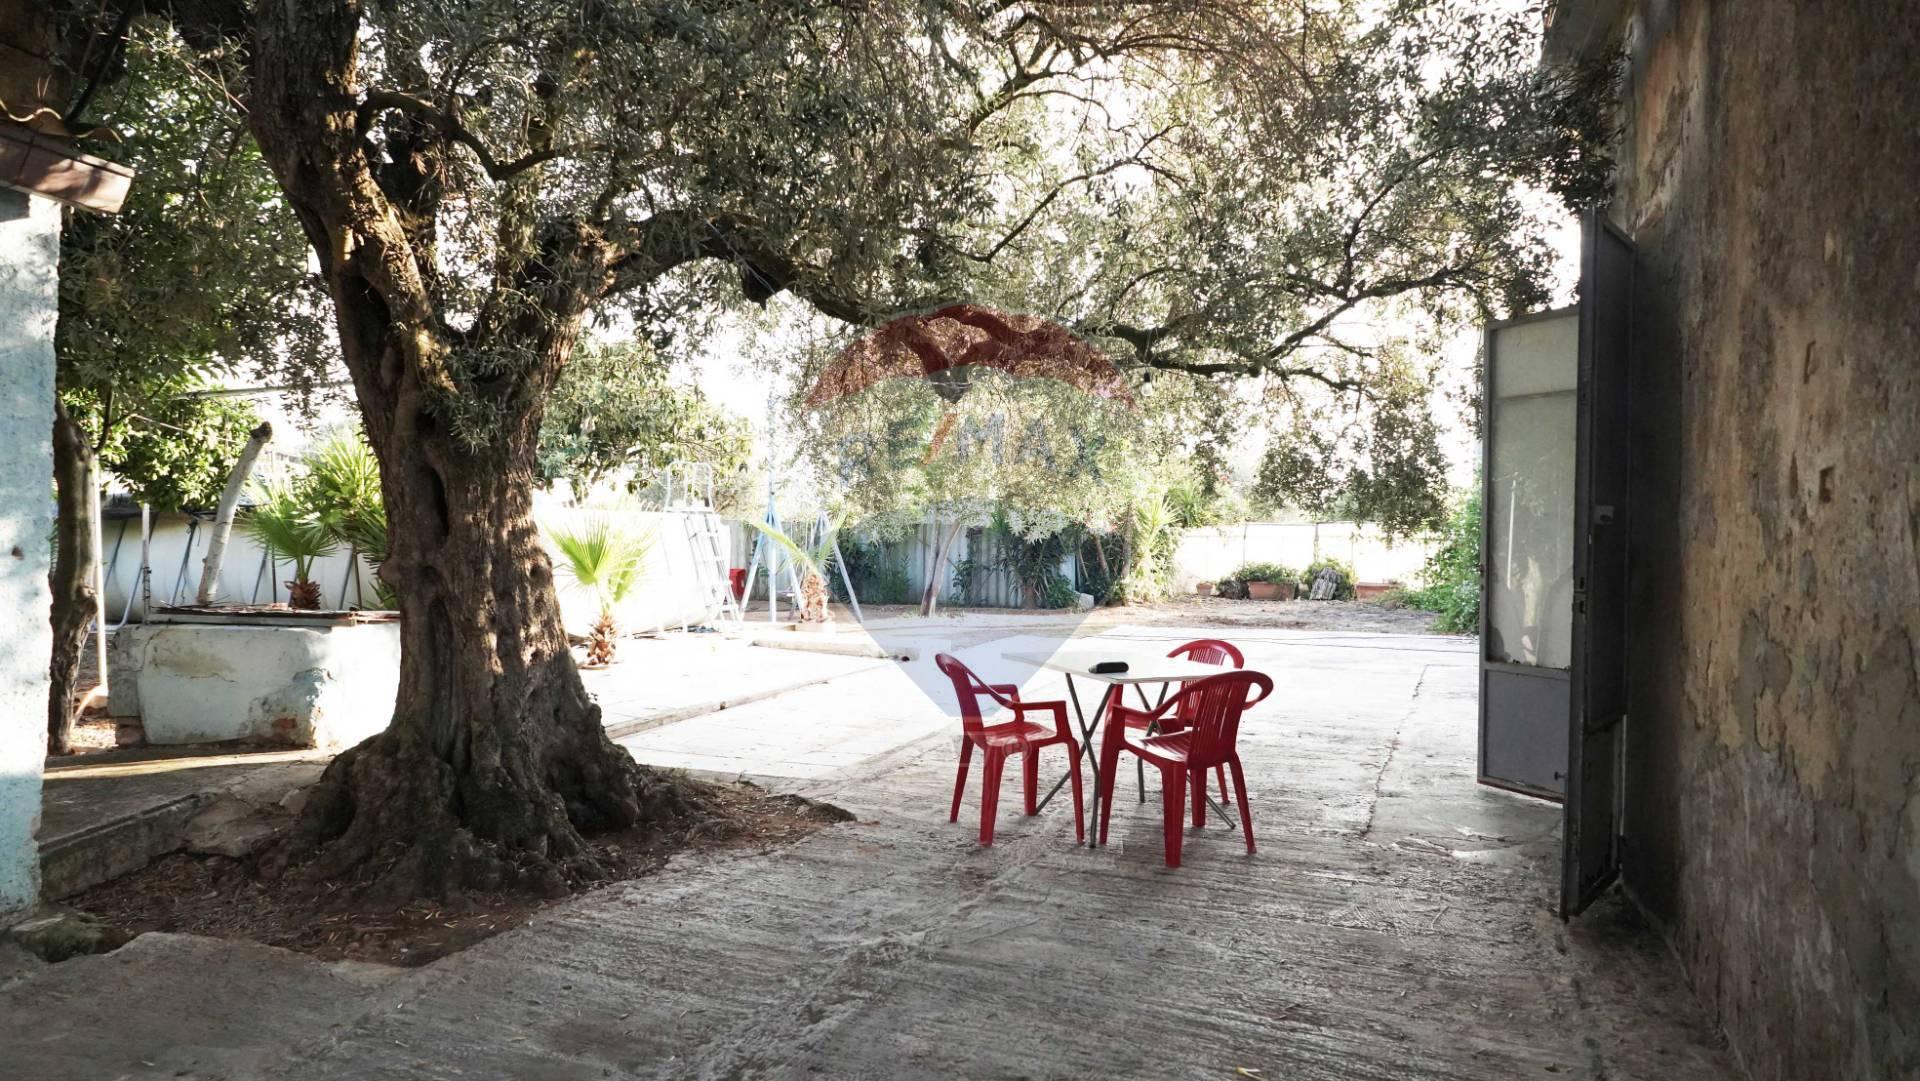 Villa in vendita a Chiaramonte Gulfi, 5 locali, prezzo € 40.000 | CambioCasa.it